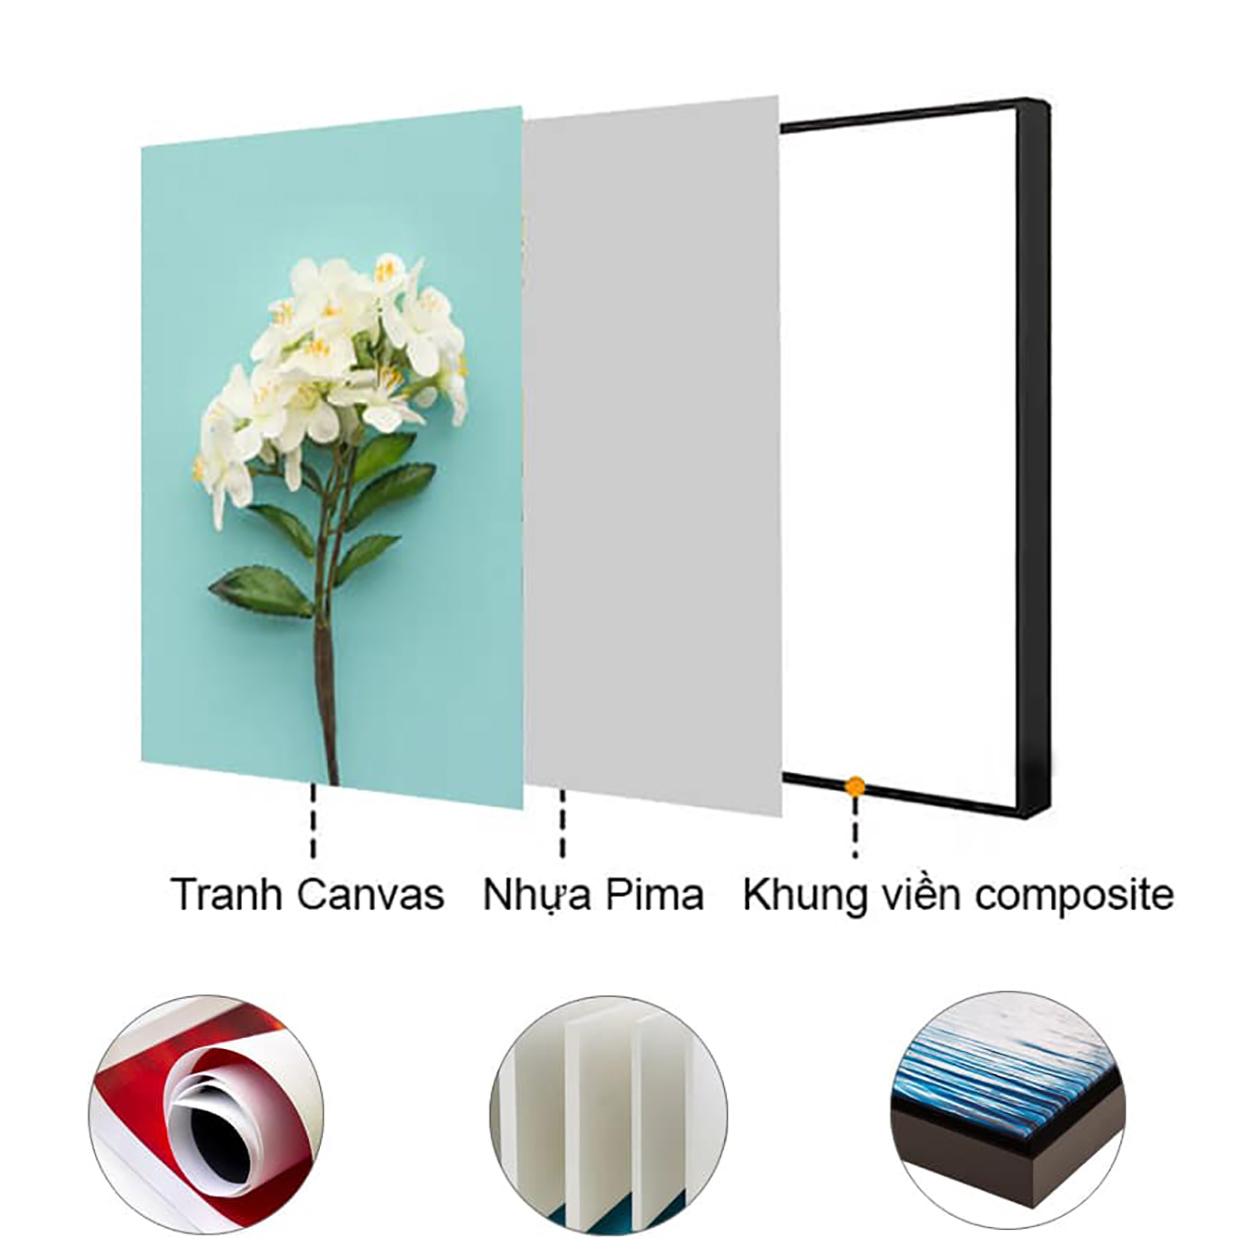 Tranh treo tường – Phúc lộc song hành CC147 - Vải canvas kim tuyến  cán PiMa - công nghệ in UV hiện đại - Khung viền composite - độ bền màu trên 10 năm.